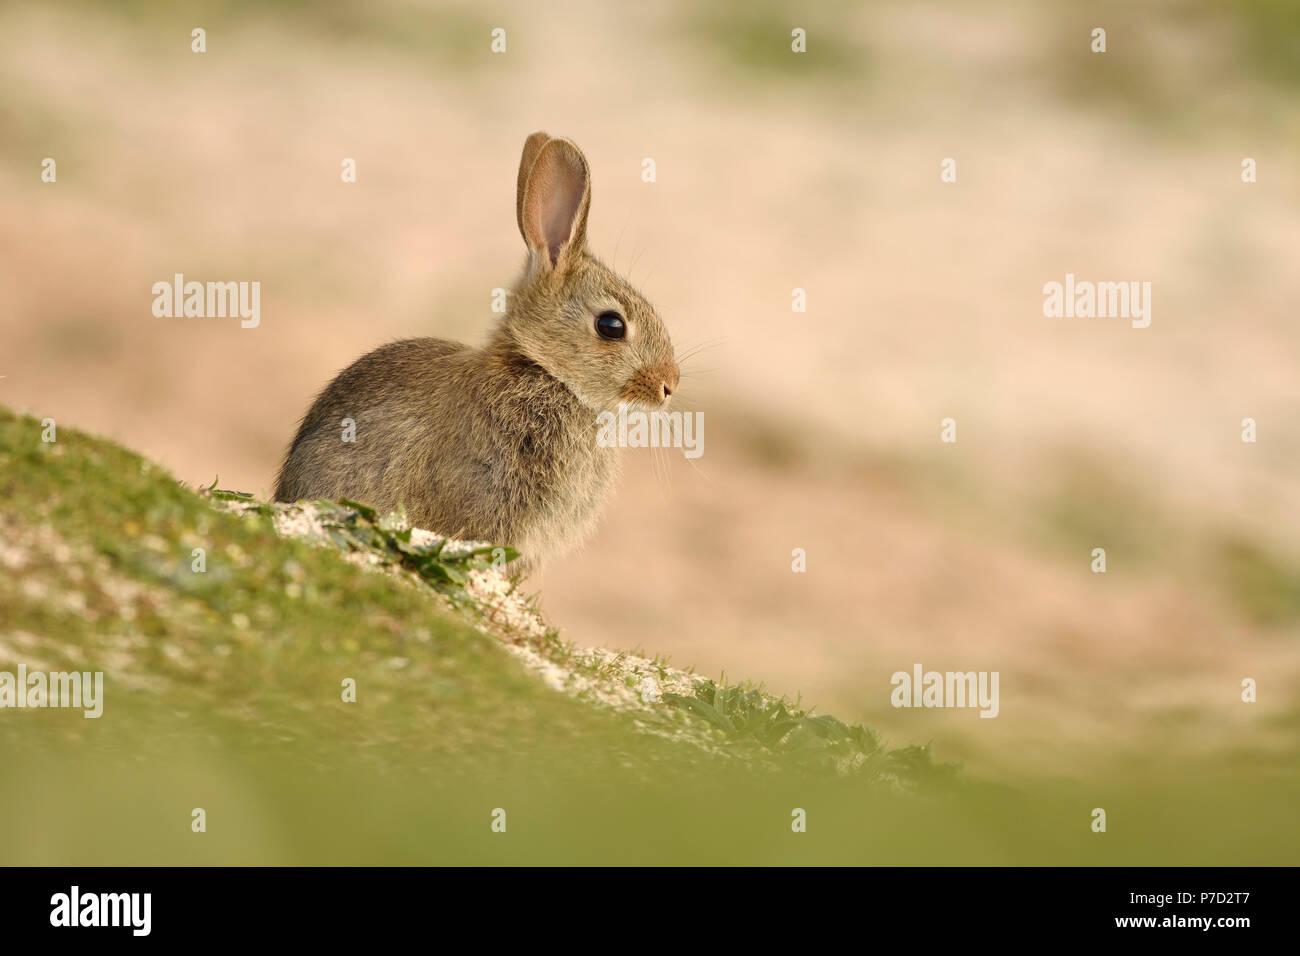 Wild Rabbit Stock Photos & Wild Rabbit Stock Images - Alamy